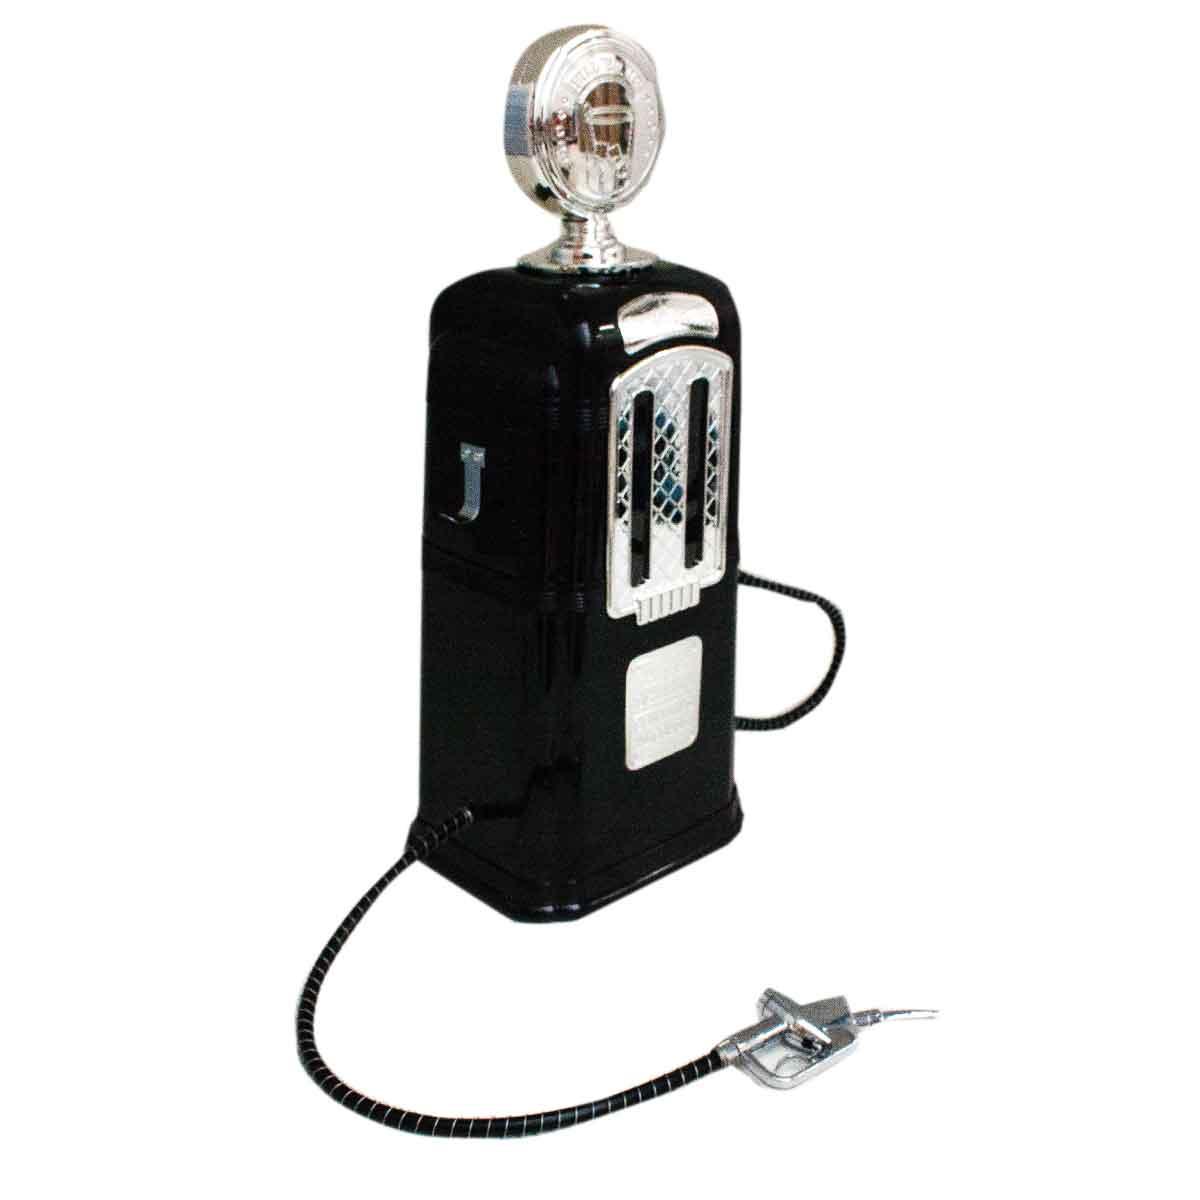 Torre Chopp Dosador Bebida Duplo Dispensador Bomba Gasolina